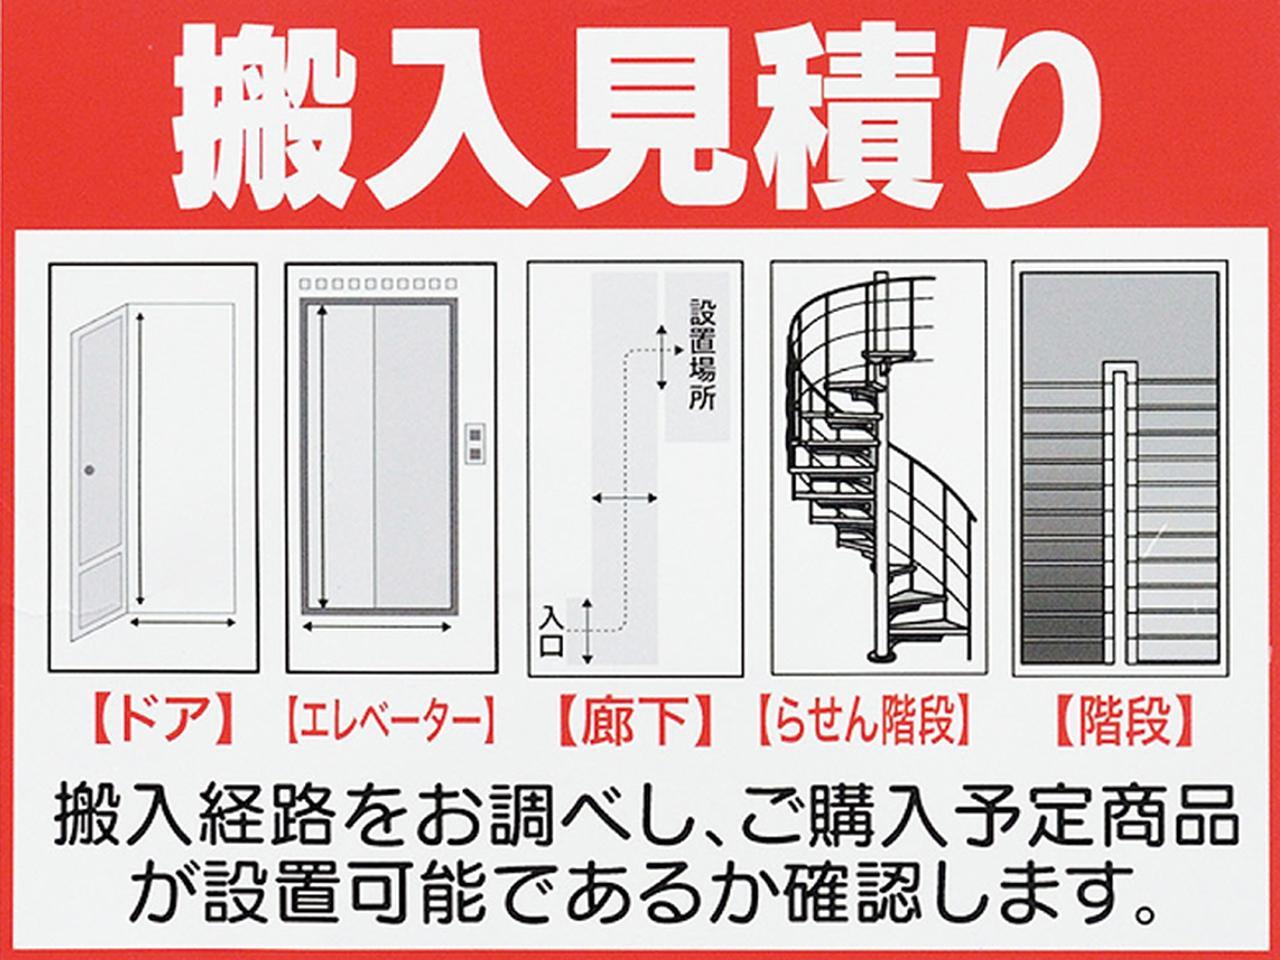 画像: 搬入を行う業者が現場に行き、設置可能かをジャッジ。ドアノブや手すりの出っ張りまで、しっかりチェックしてくれる。